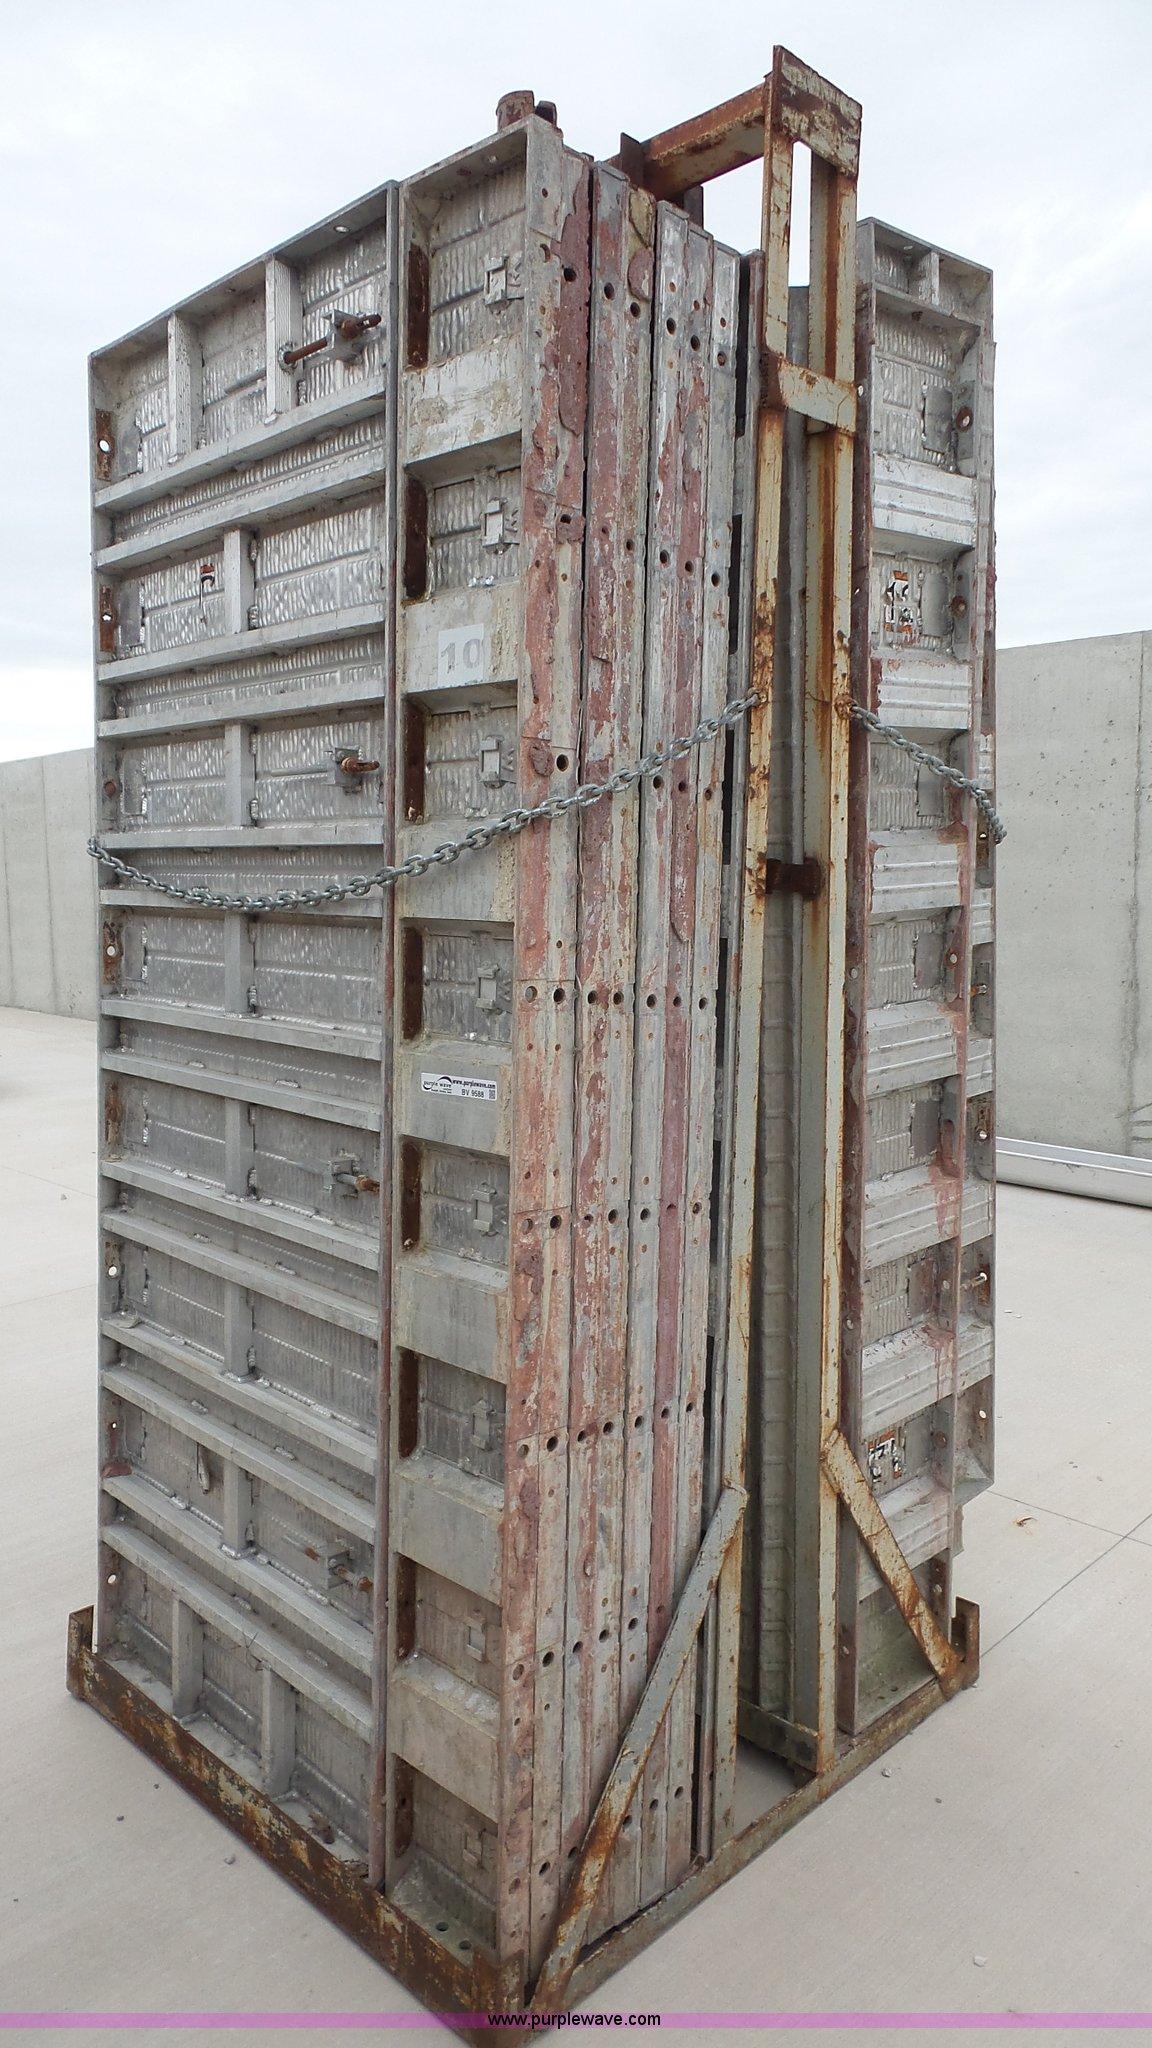 Concrete Forms For Sale >> Vertibrick Face Aluminum Concrete Forms Item Bv9588 Sold